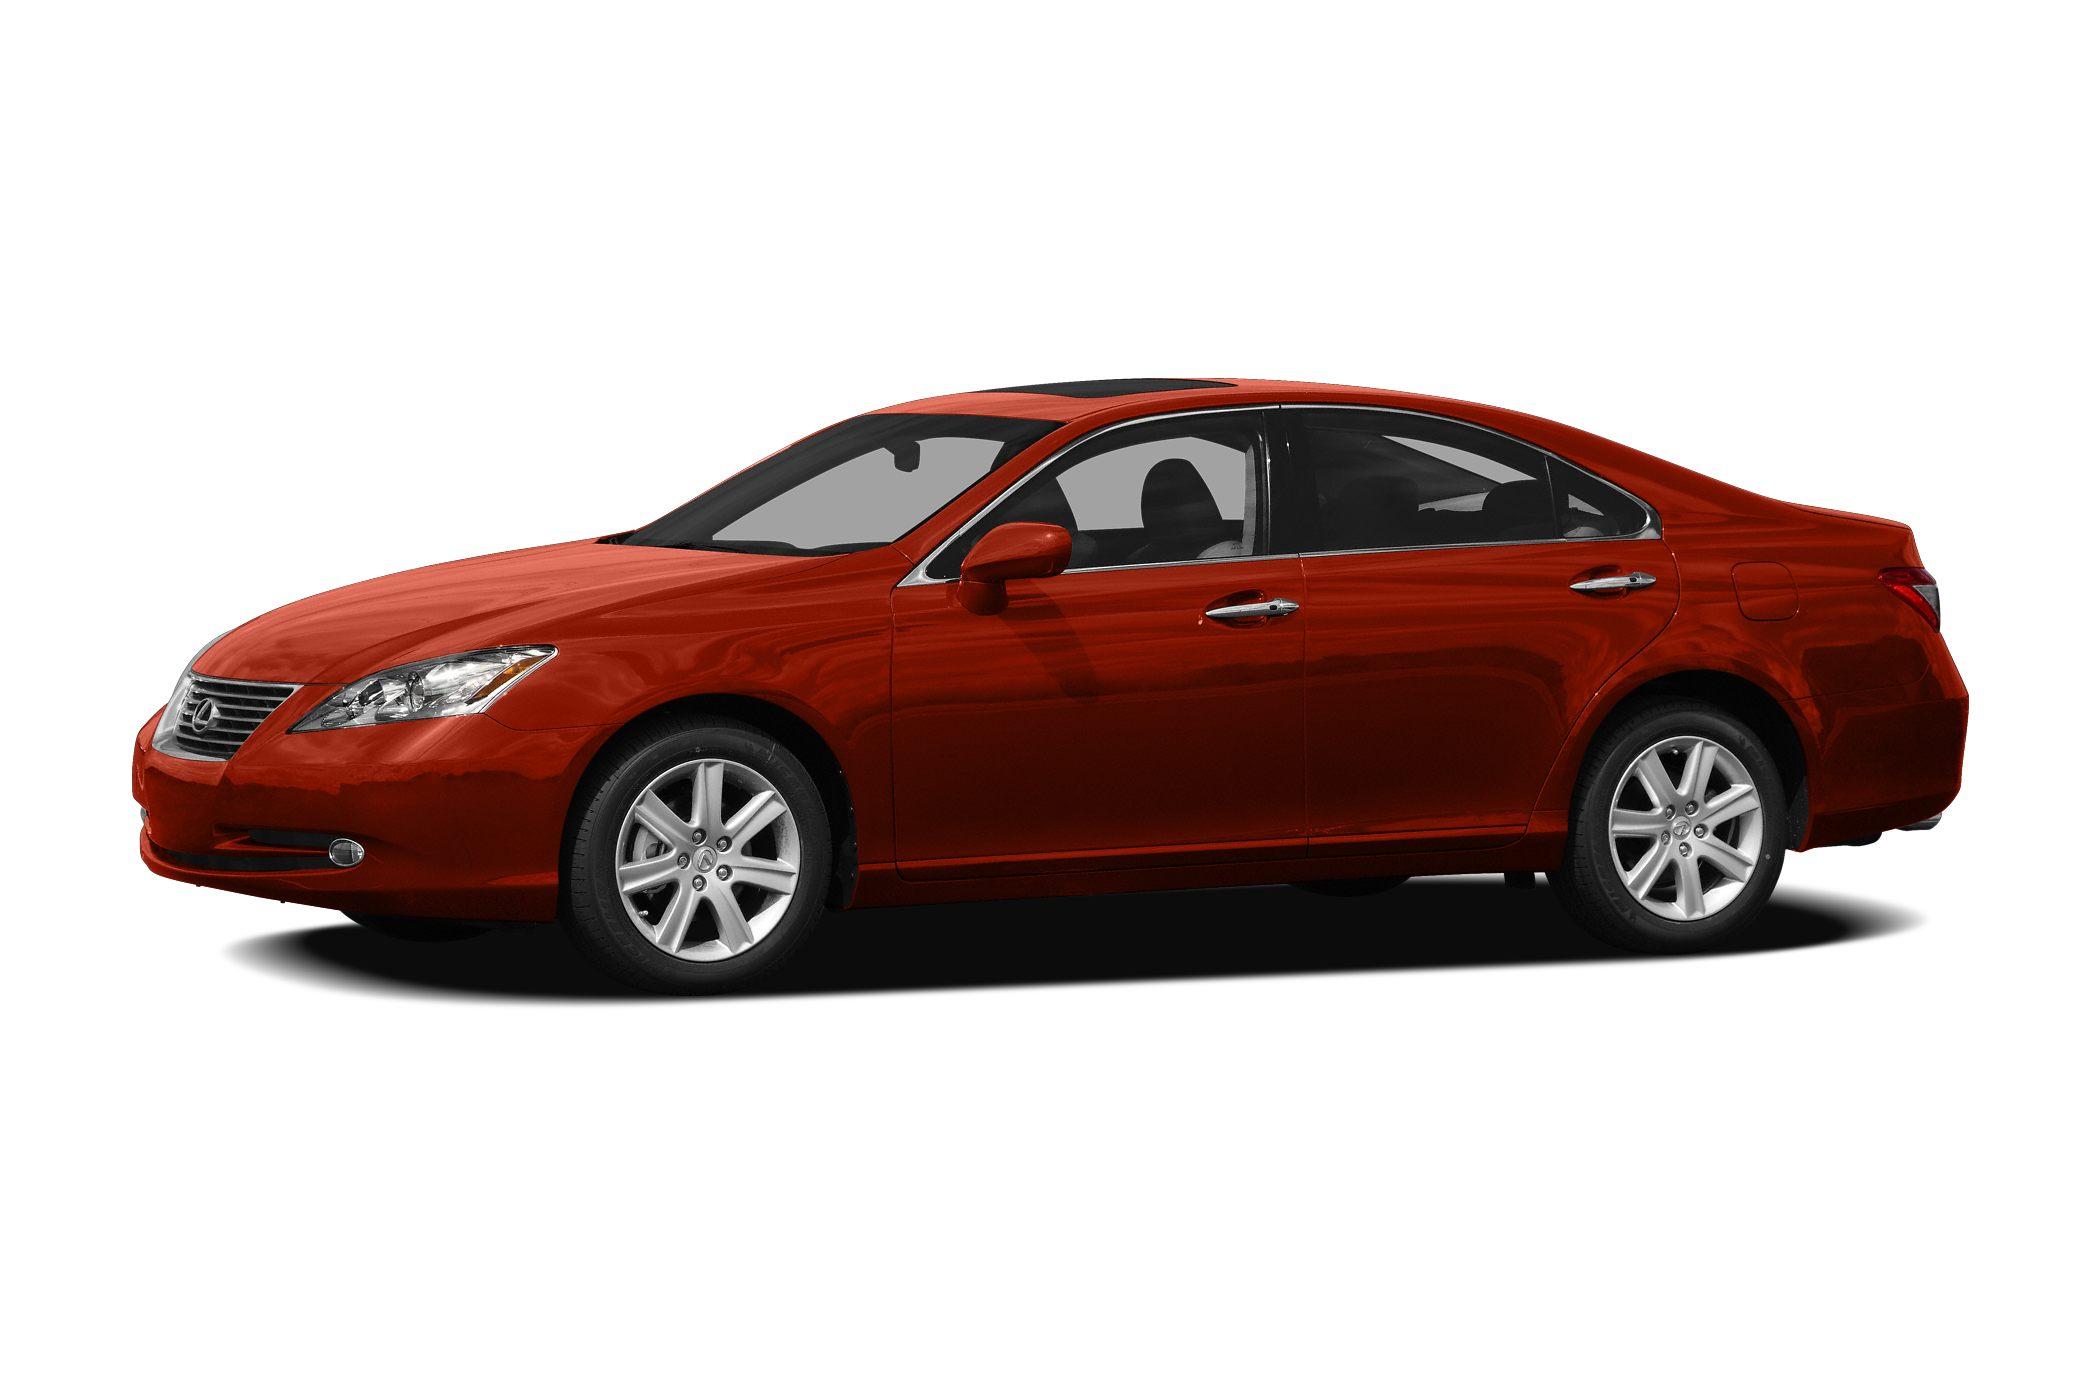 2008 Lexus ES 350 Safety Recalls